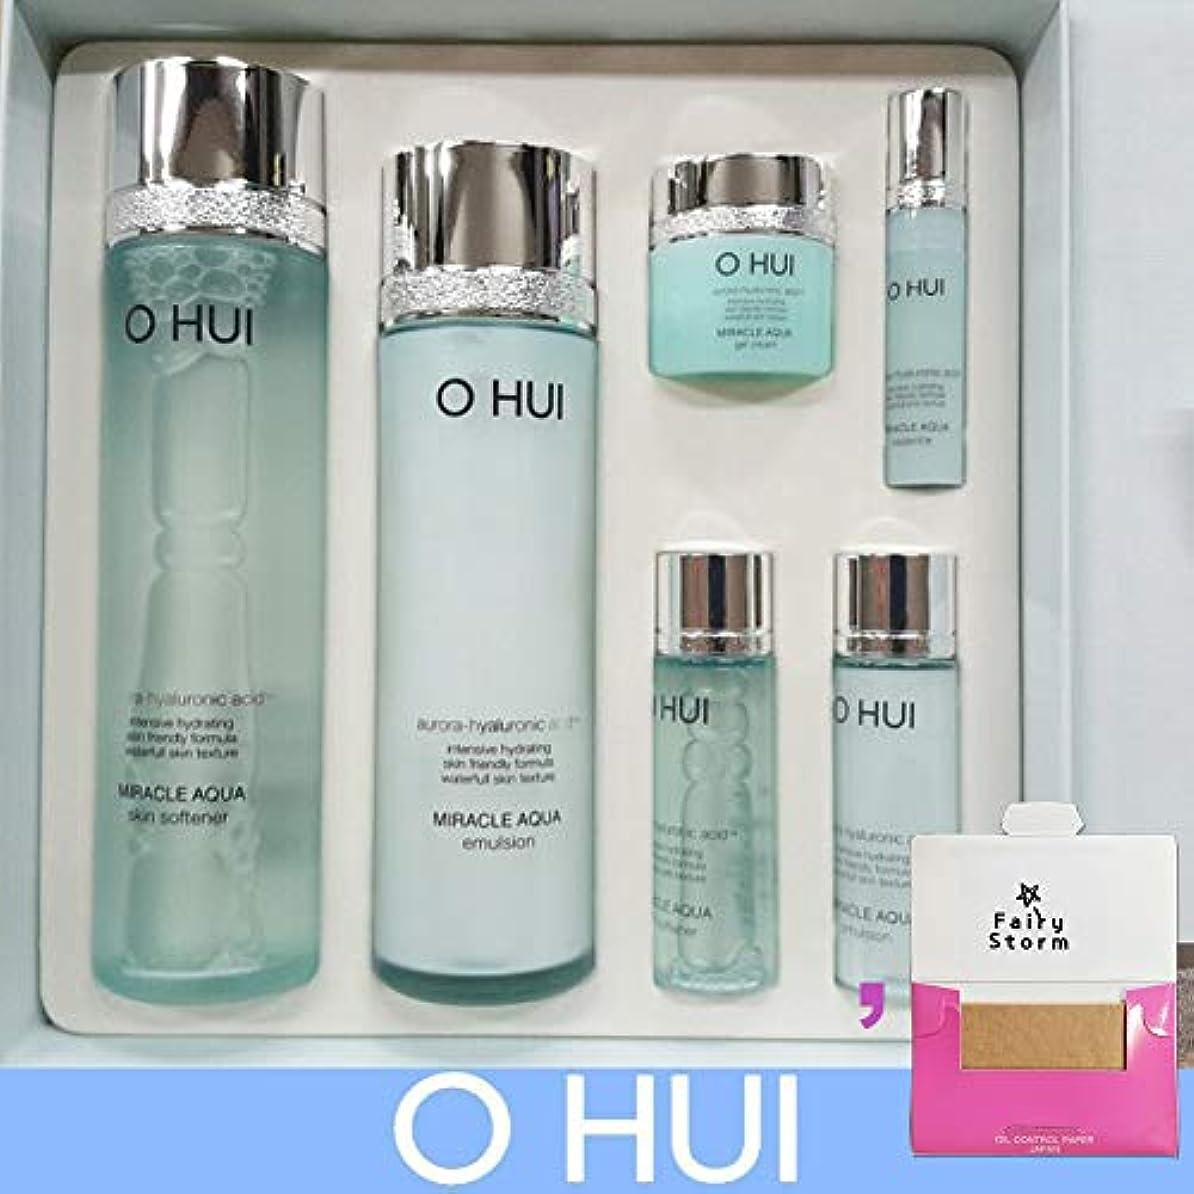 どれ有毒延ばす[オフィ/O HUI]韓国化粧品LG生活健康/O HUI MIRACLE AQUA SPECIAL SET/ミラクルアクア2種セット+[Sample Gift](海外直送品)